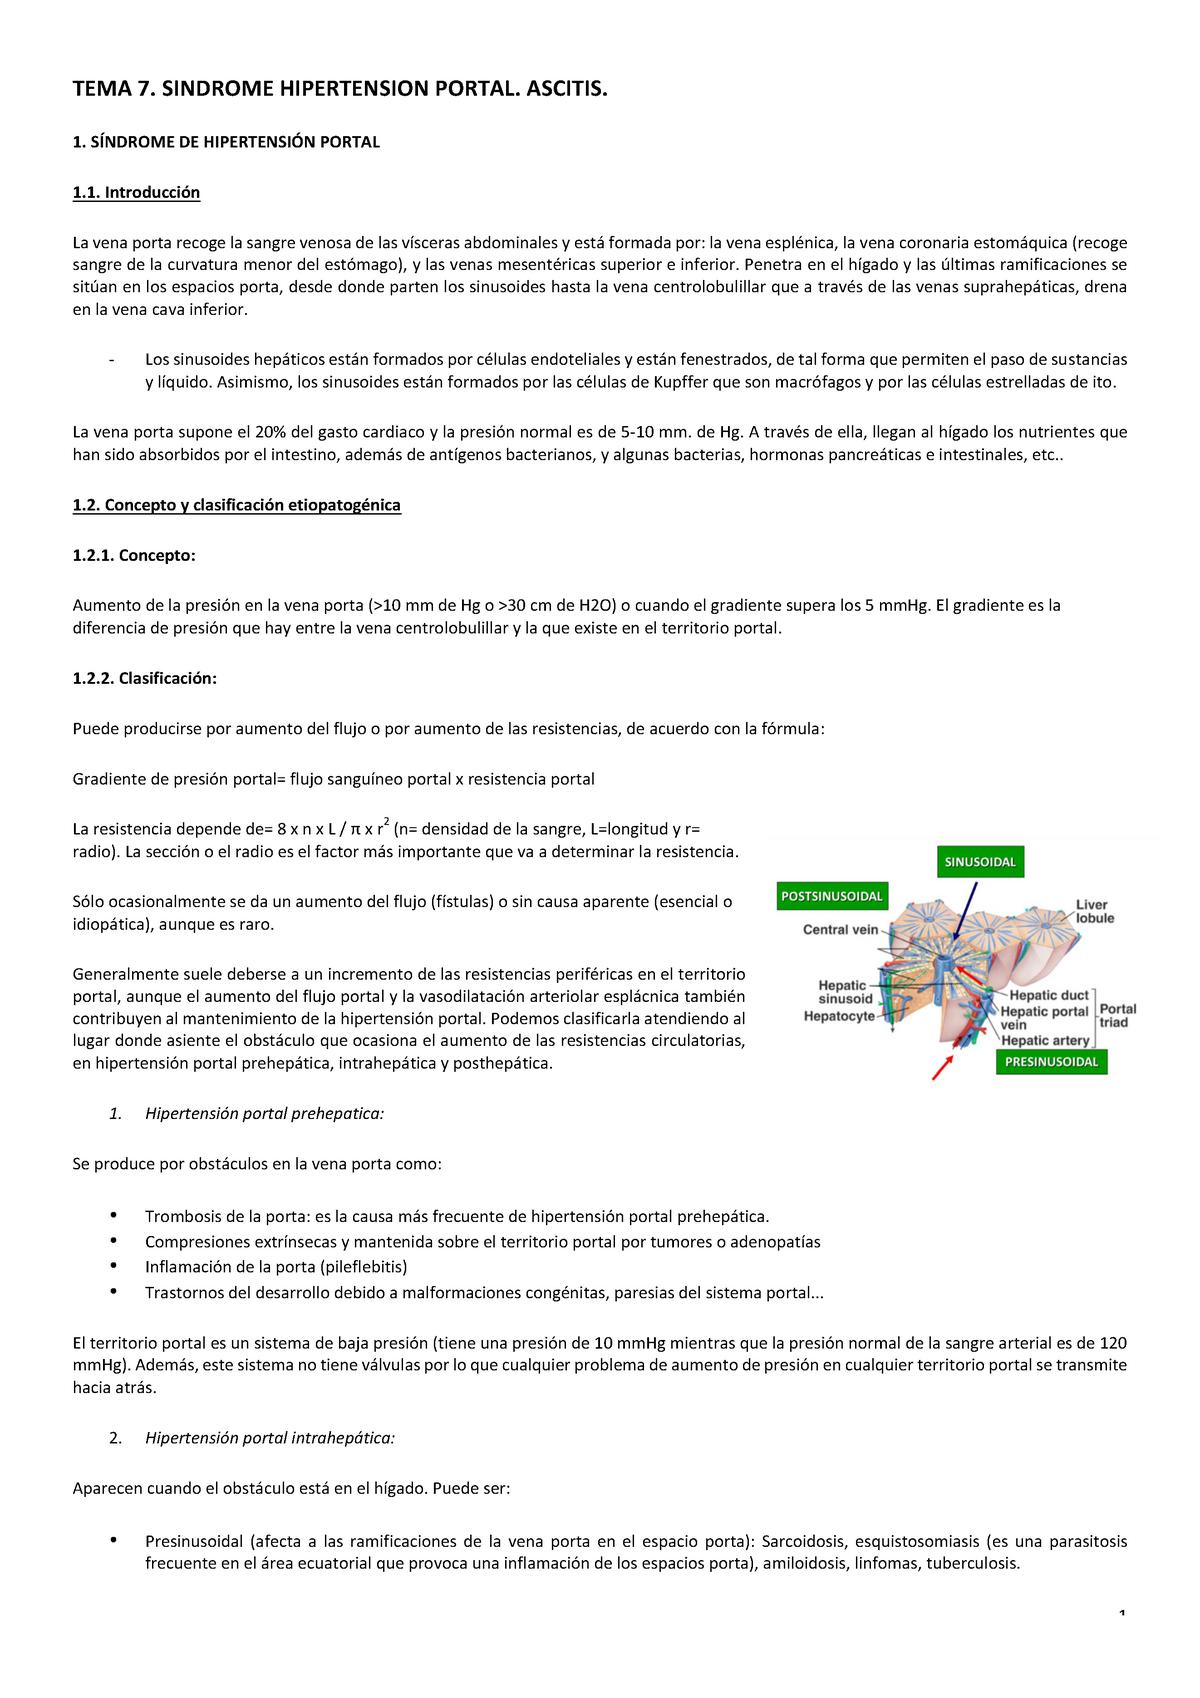 Varices estomales hipertensión portal y varices esofágicas